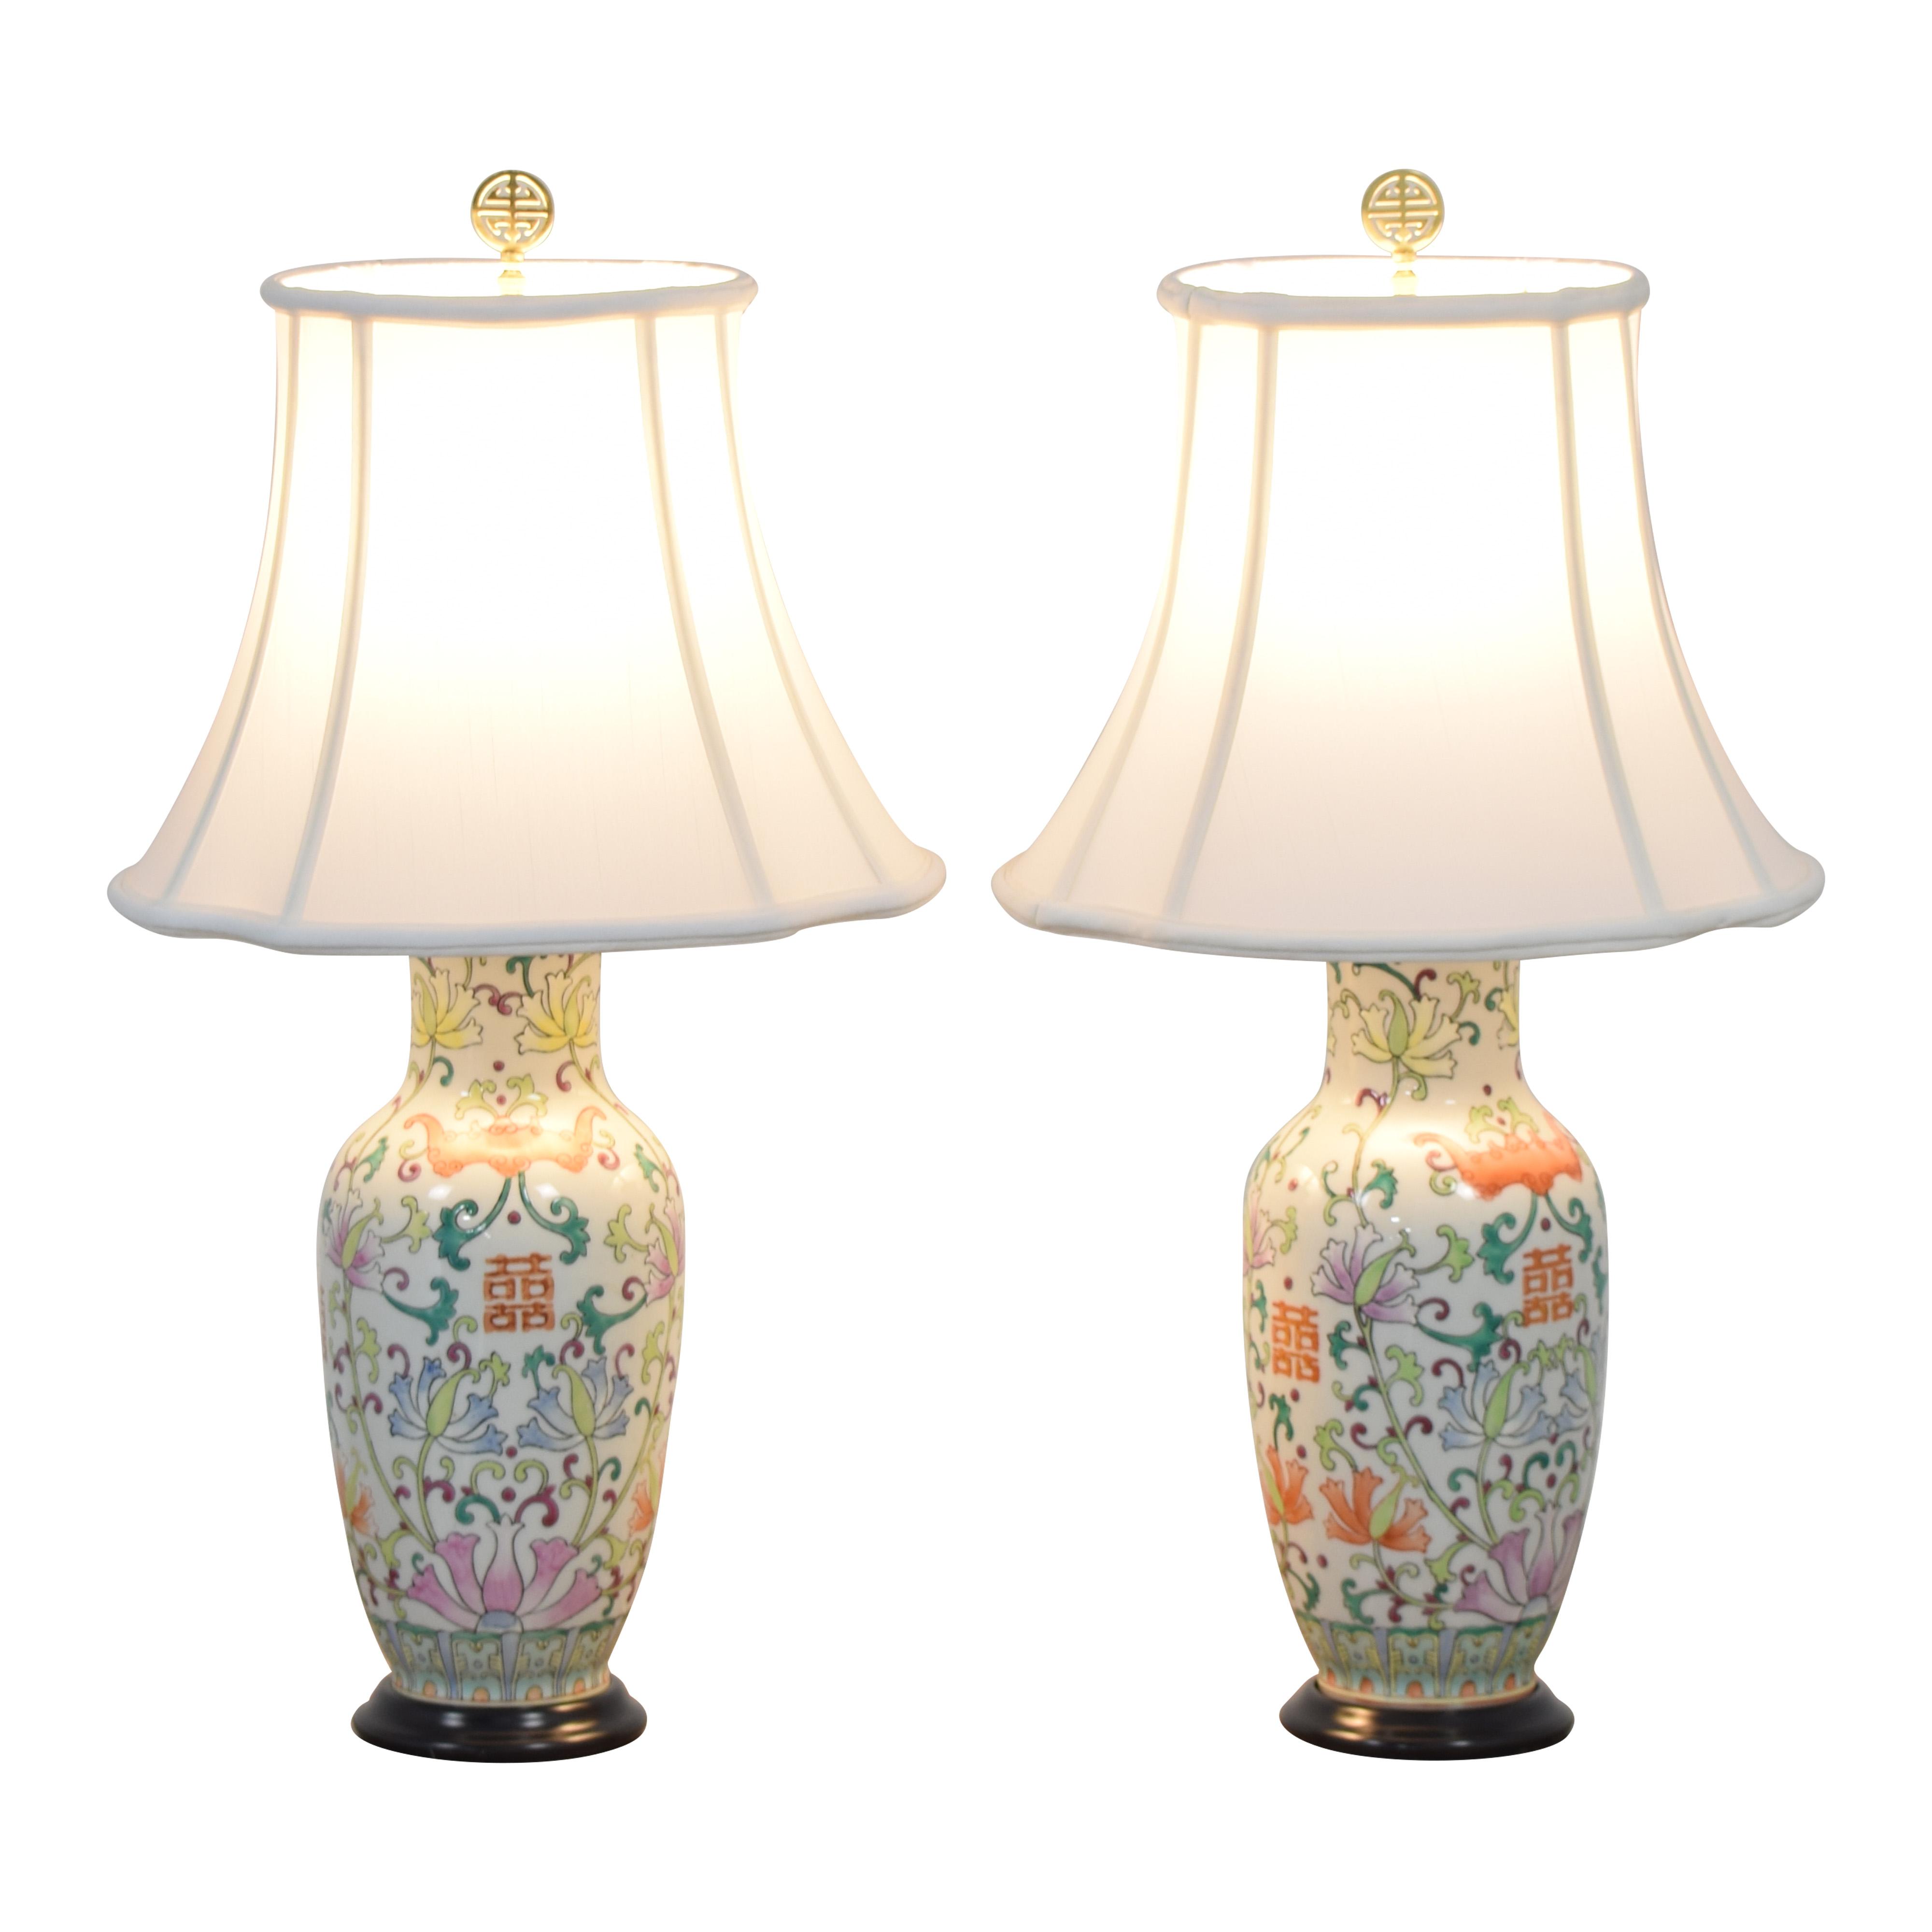 Bloomingdale's Bloomingdale's Floral Table Lamps dimensions